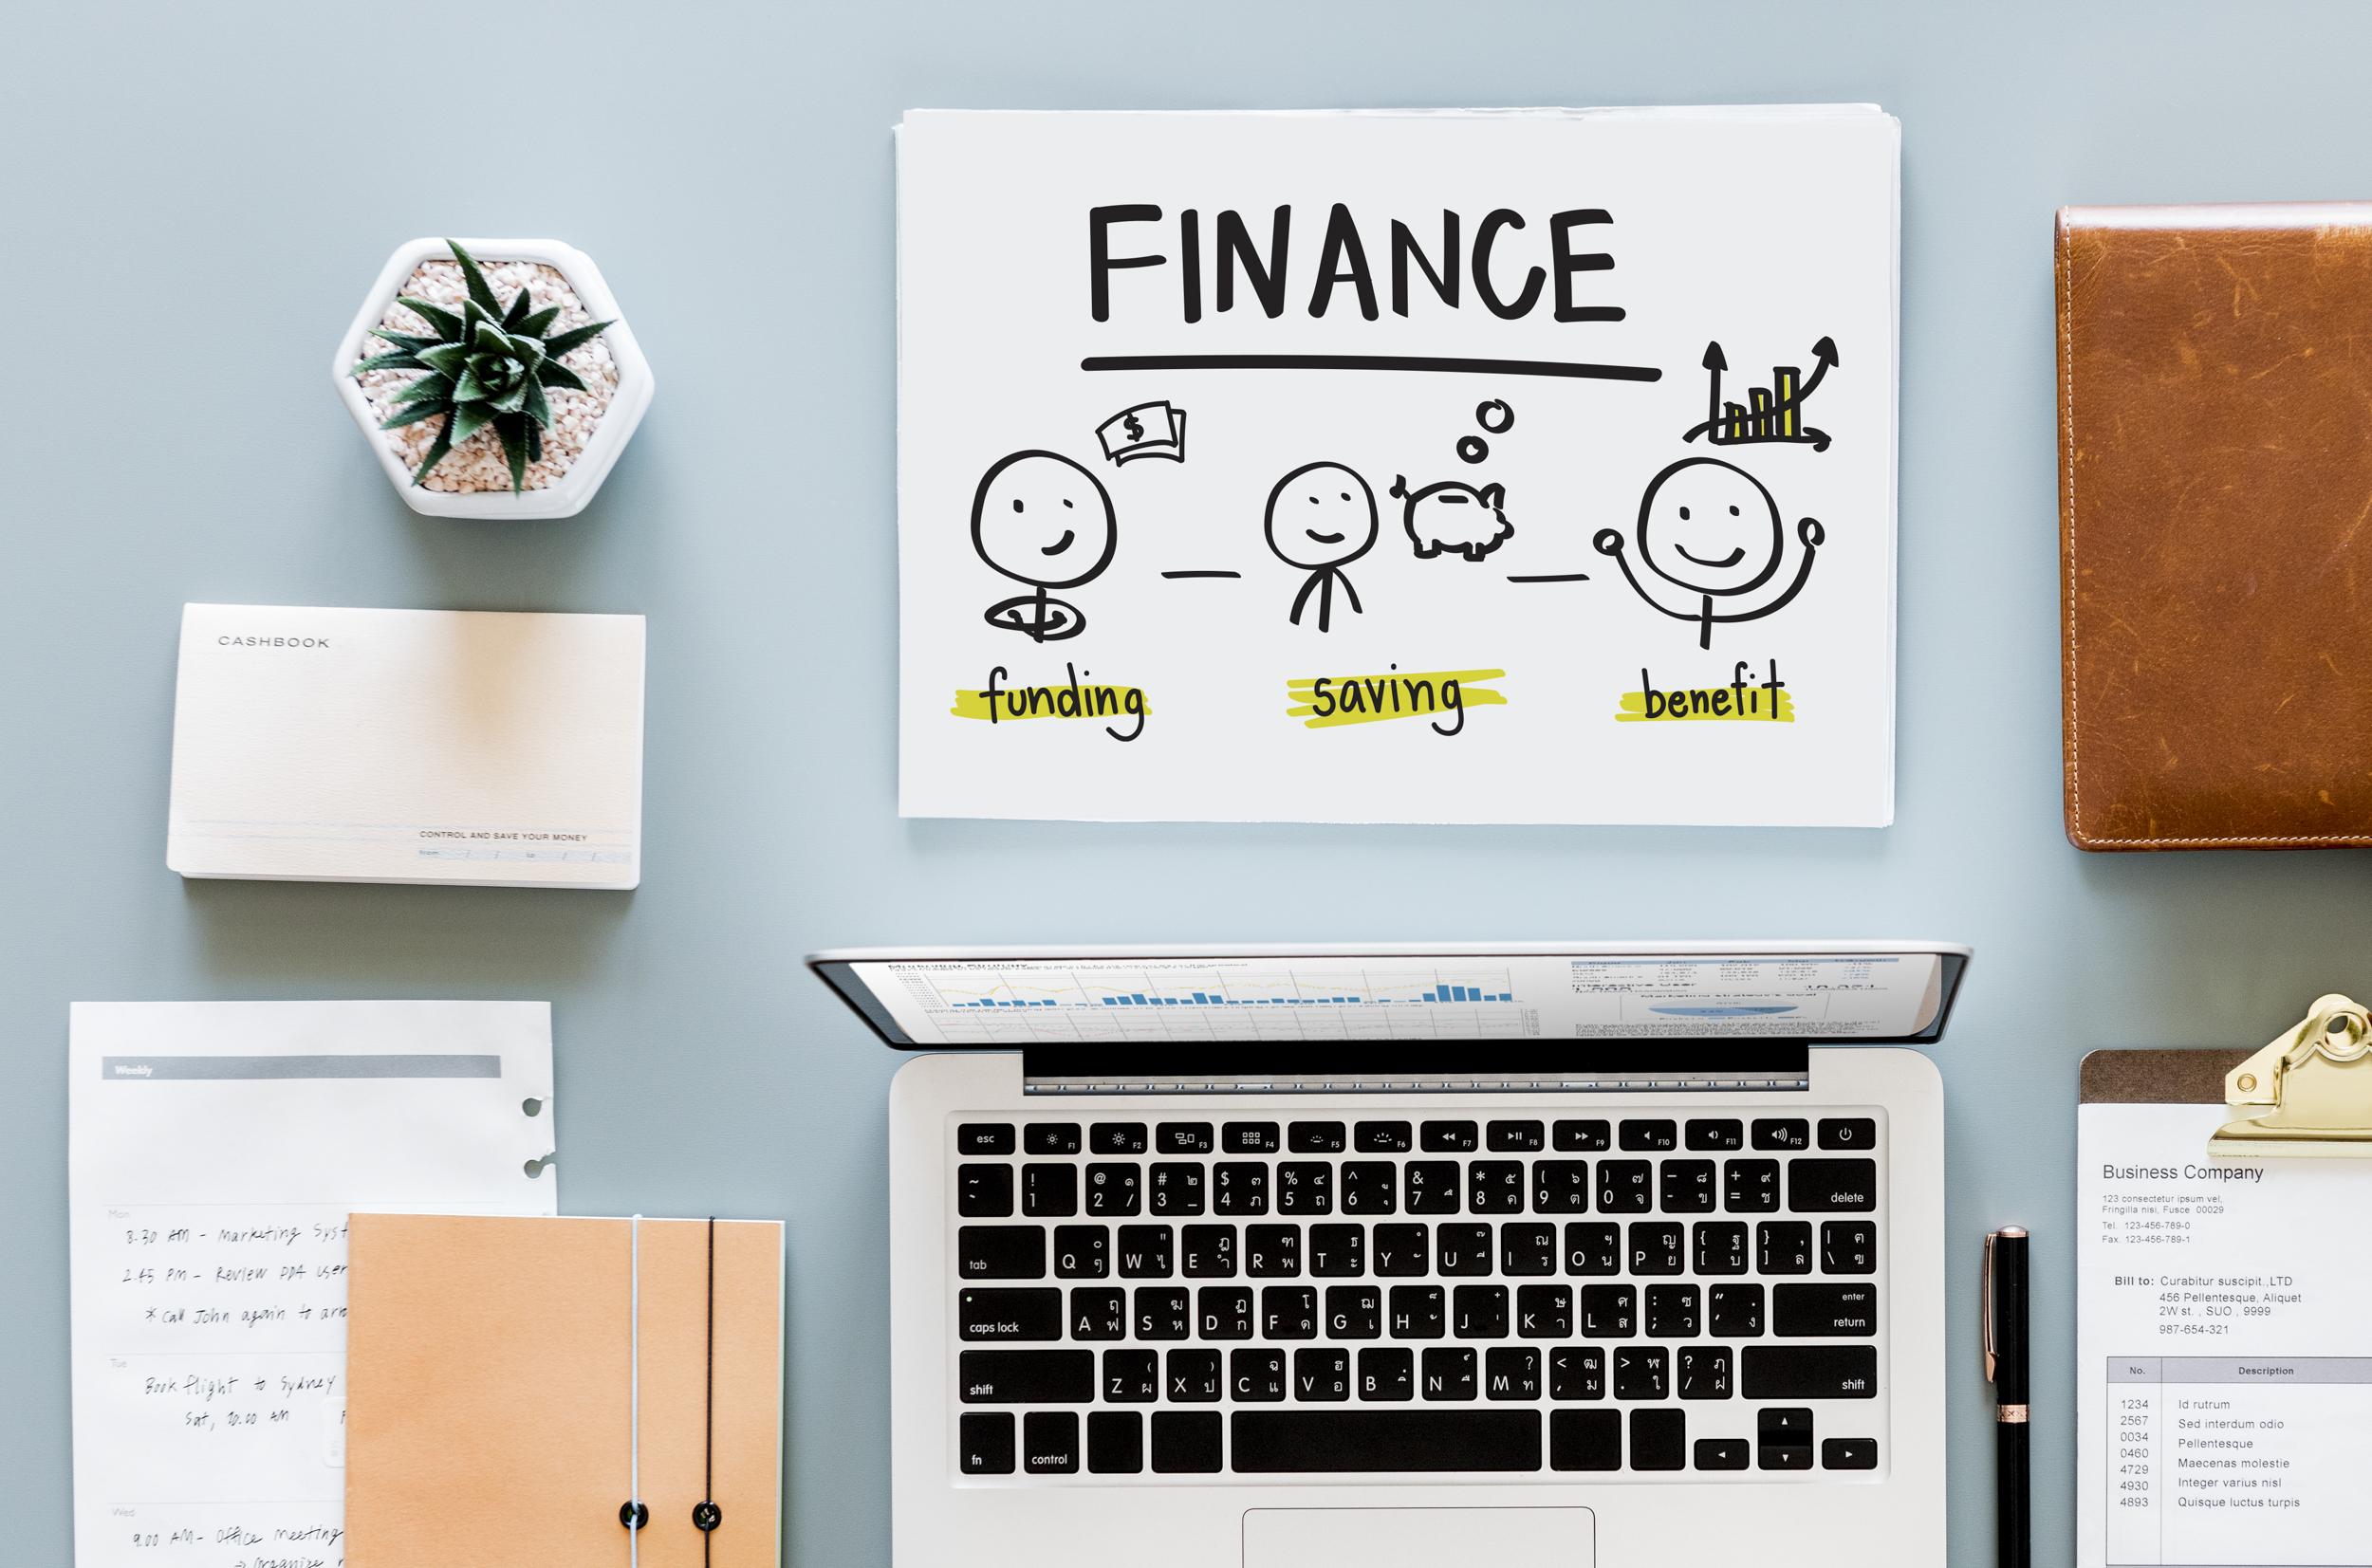 Financiële service - Eydol biedt verschillende formules aan voor uw LED integratie: van een klassiek leasingcontract tot een flexibel LED-as-a-serviceplan, inclusief een all-inclusive servicecontract. Wij garanderen de beste producten, een betrouwbaar systeem en een snelle service. En u kiest zelf het financieel plan dat het best bij u past.